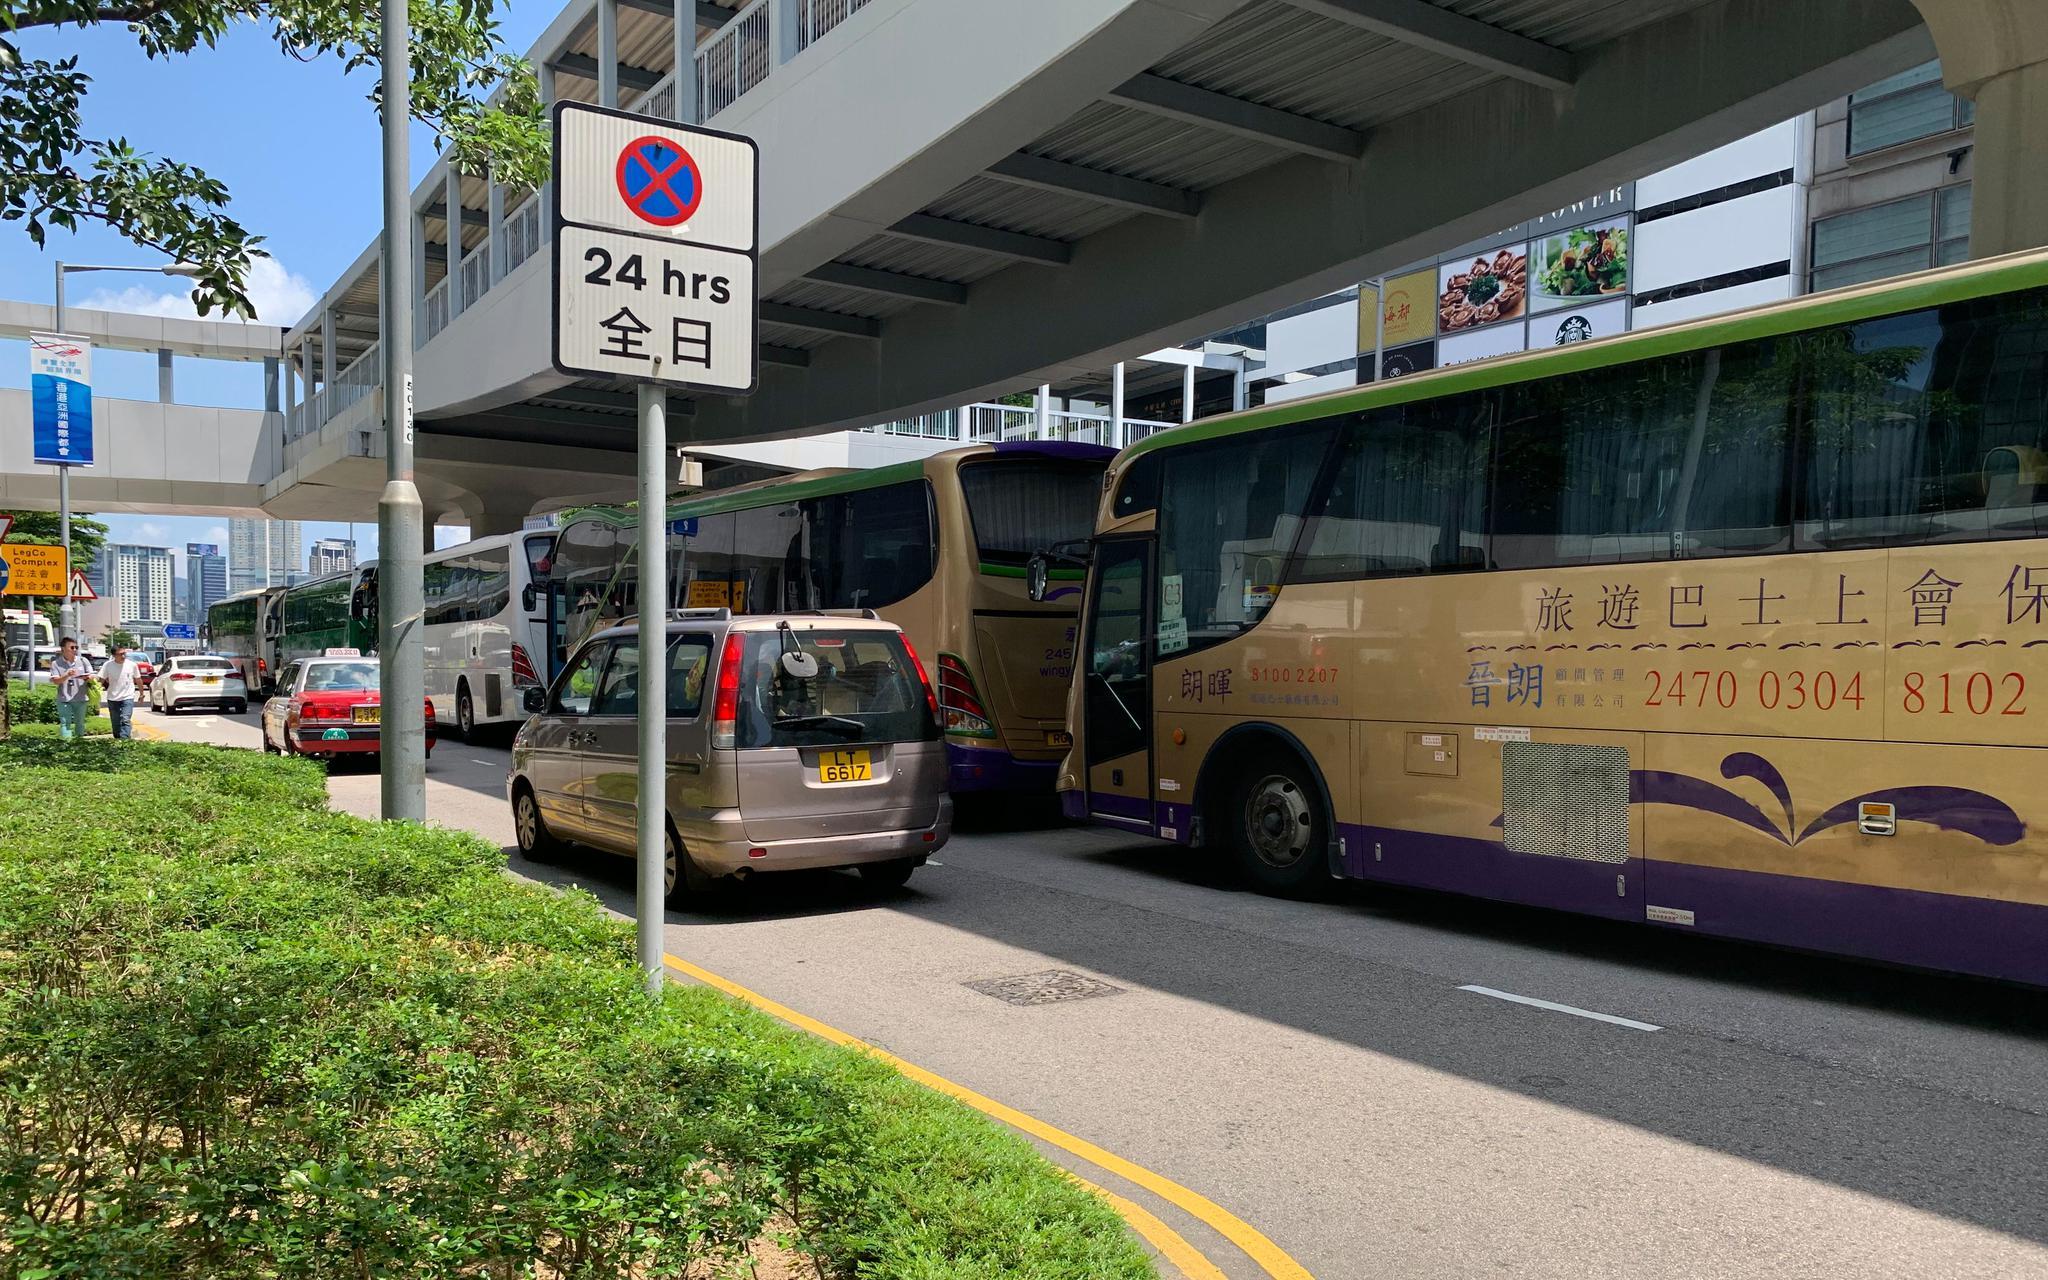 9月10日上午,66辆旅游巴士参加香港旅游促进会组织的旅游巴士慢驶游行活动。